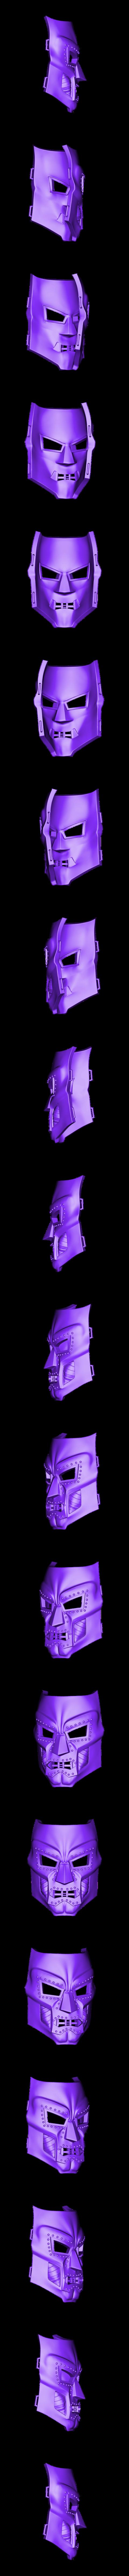 Doom_Mask_23cm.stl Download STL file Doom mask - Helmet Marvel 3D print model • 3D printable model, Bstar3Dart